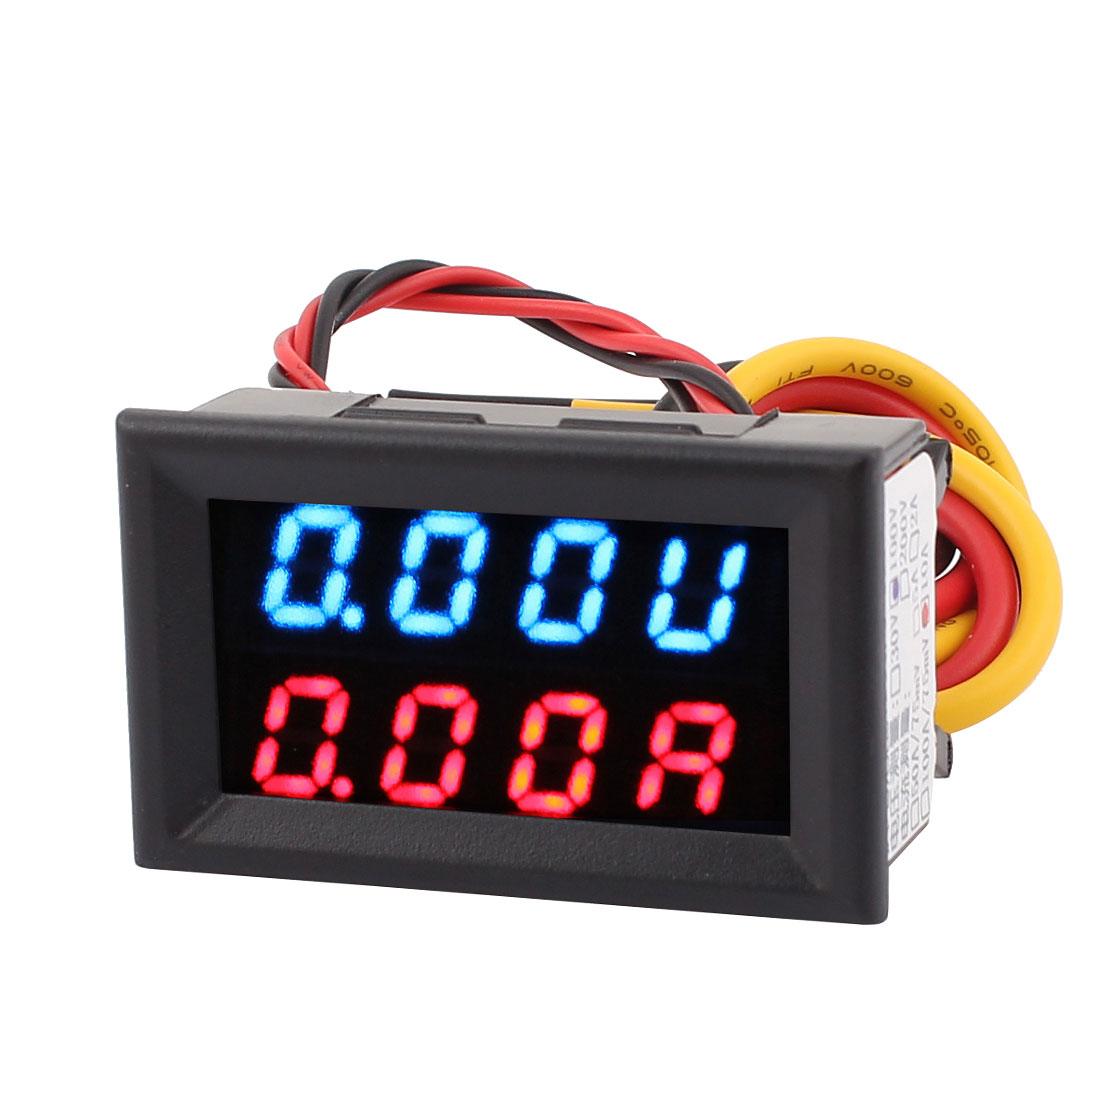 DC 0-100V 0-10A Blue Red LED Dual Digital Panel Voltmeter Ammeter Meter Gauge